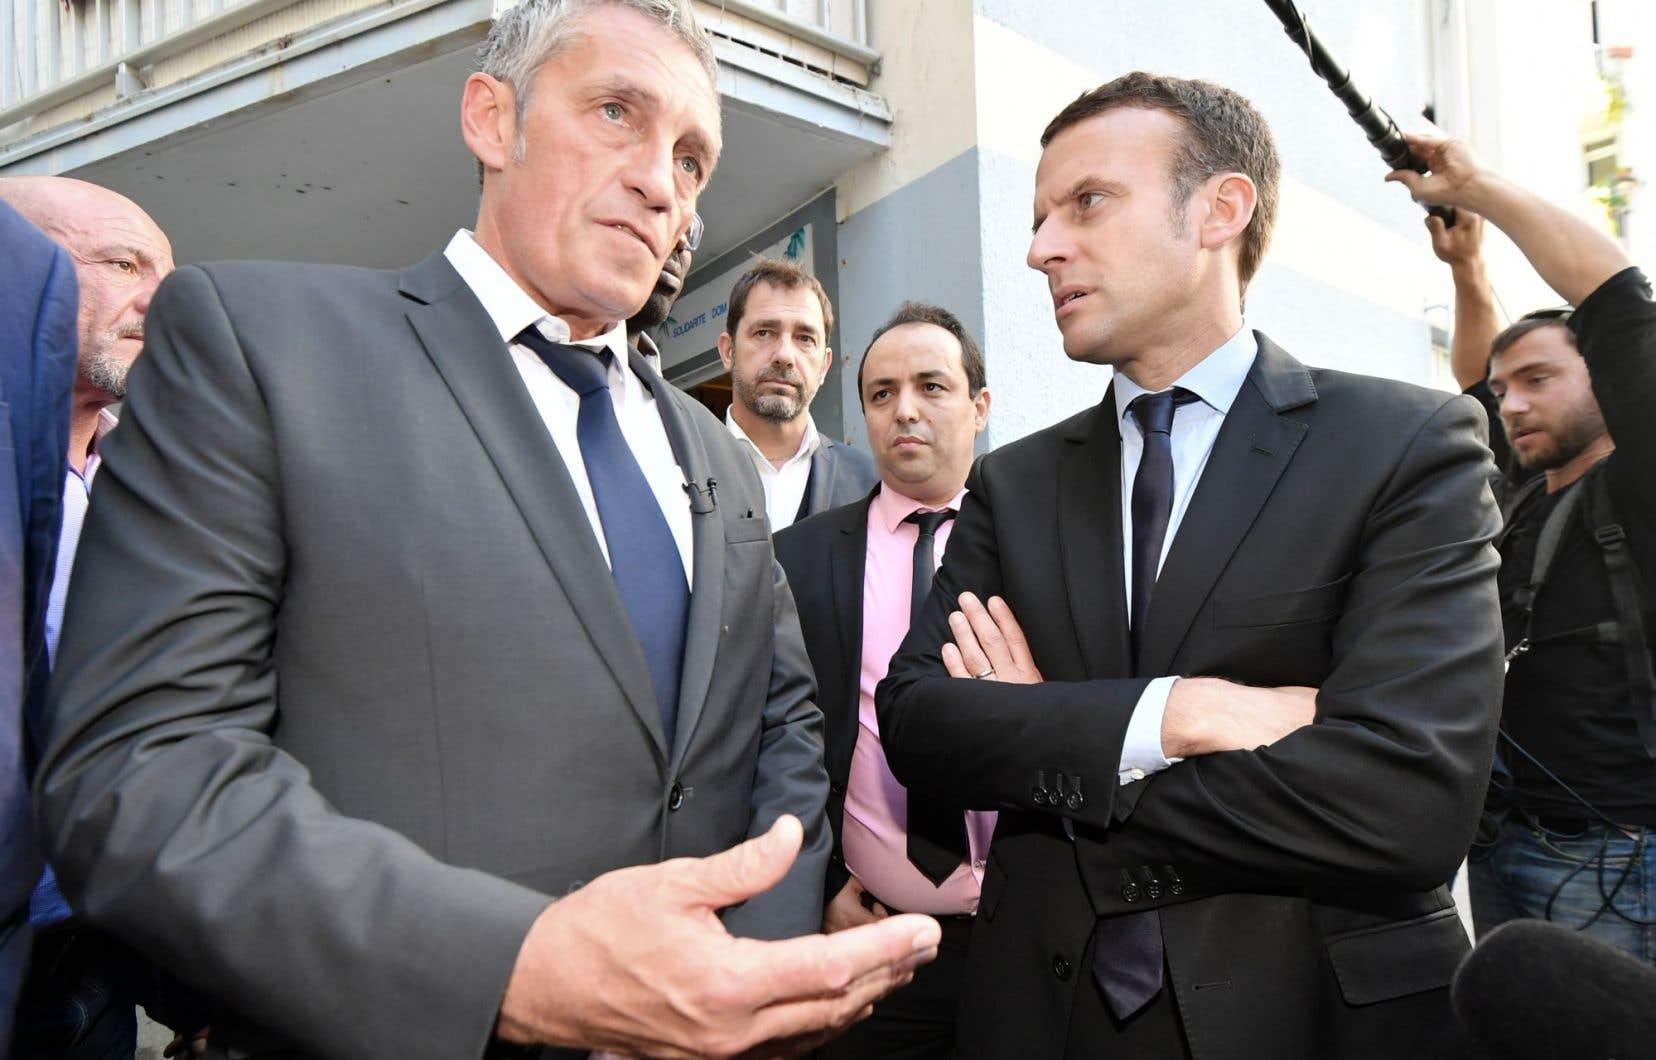 Le maire de Montpellier, Philippe Saurel (à gauche) accompagné du candidat à l'élection présidentielle Emmanuel Macron (à droite)